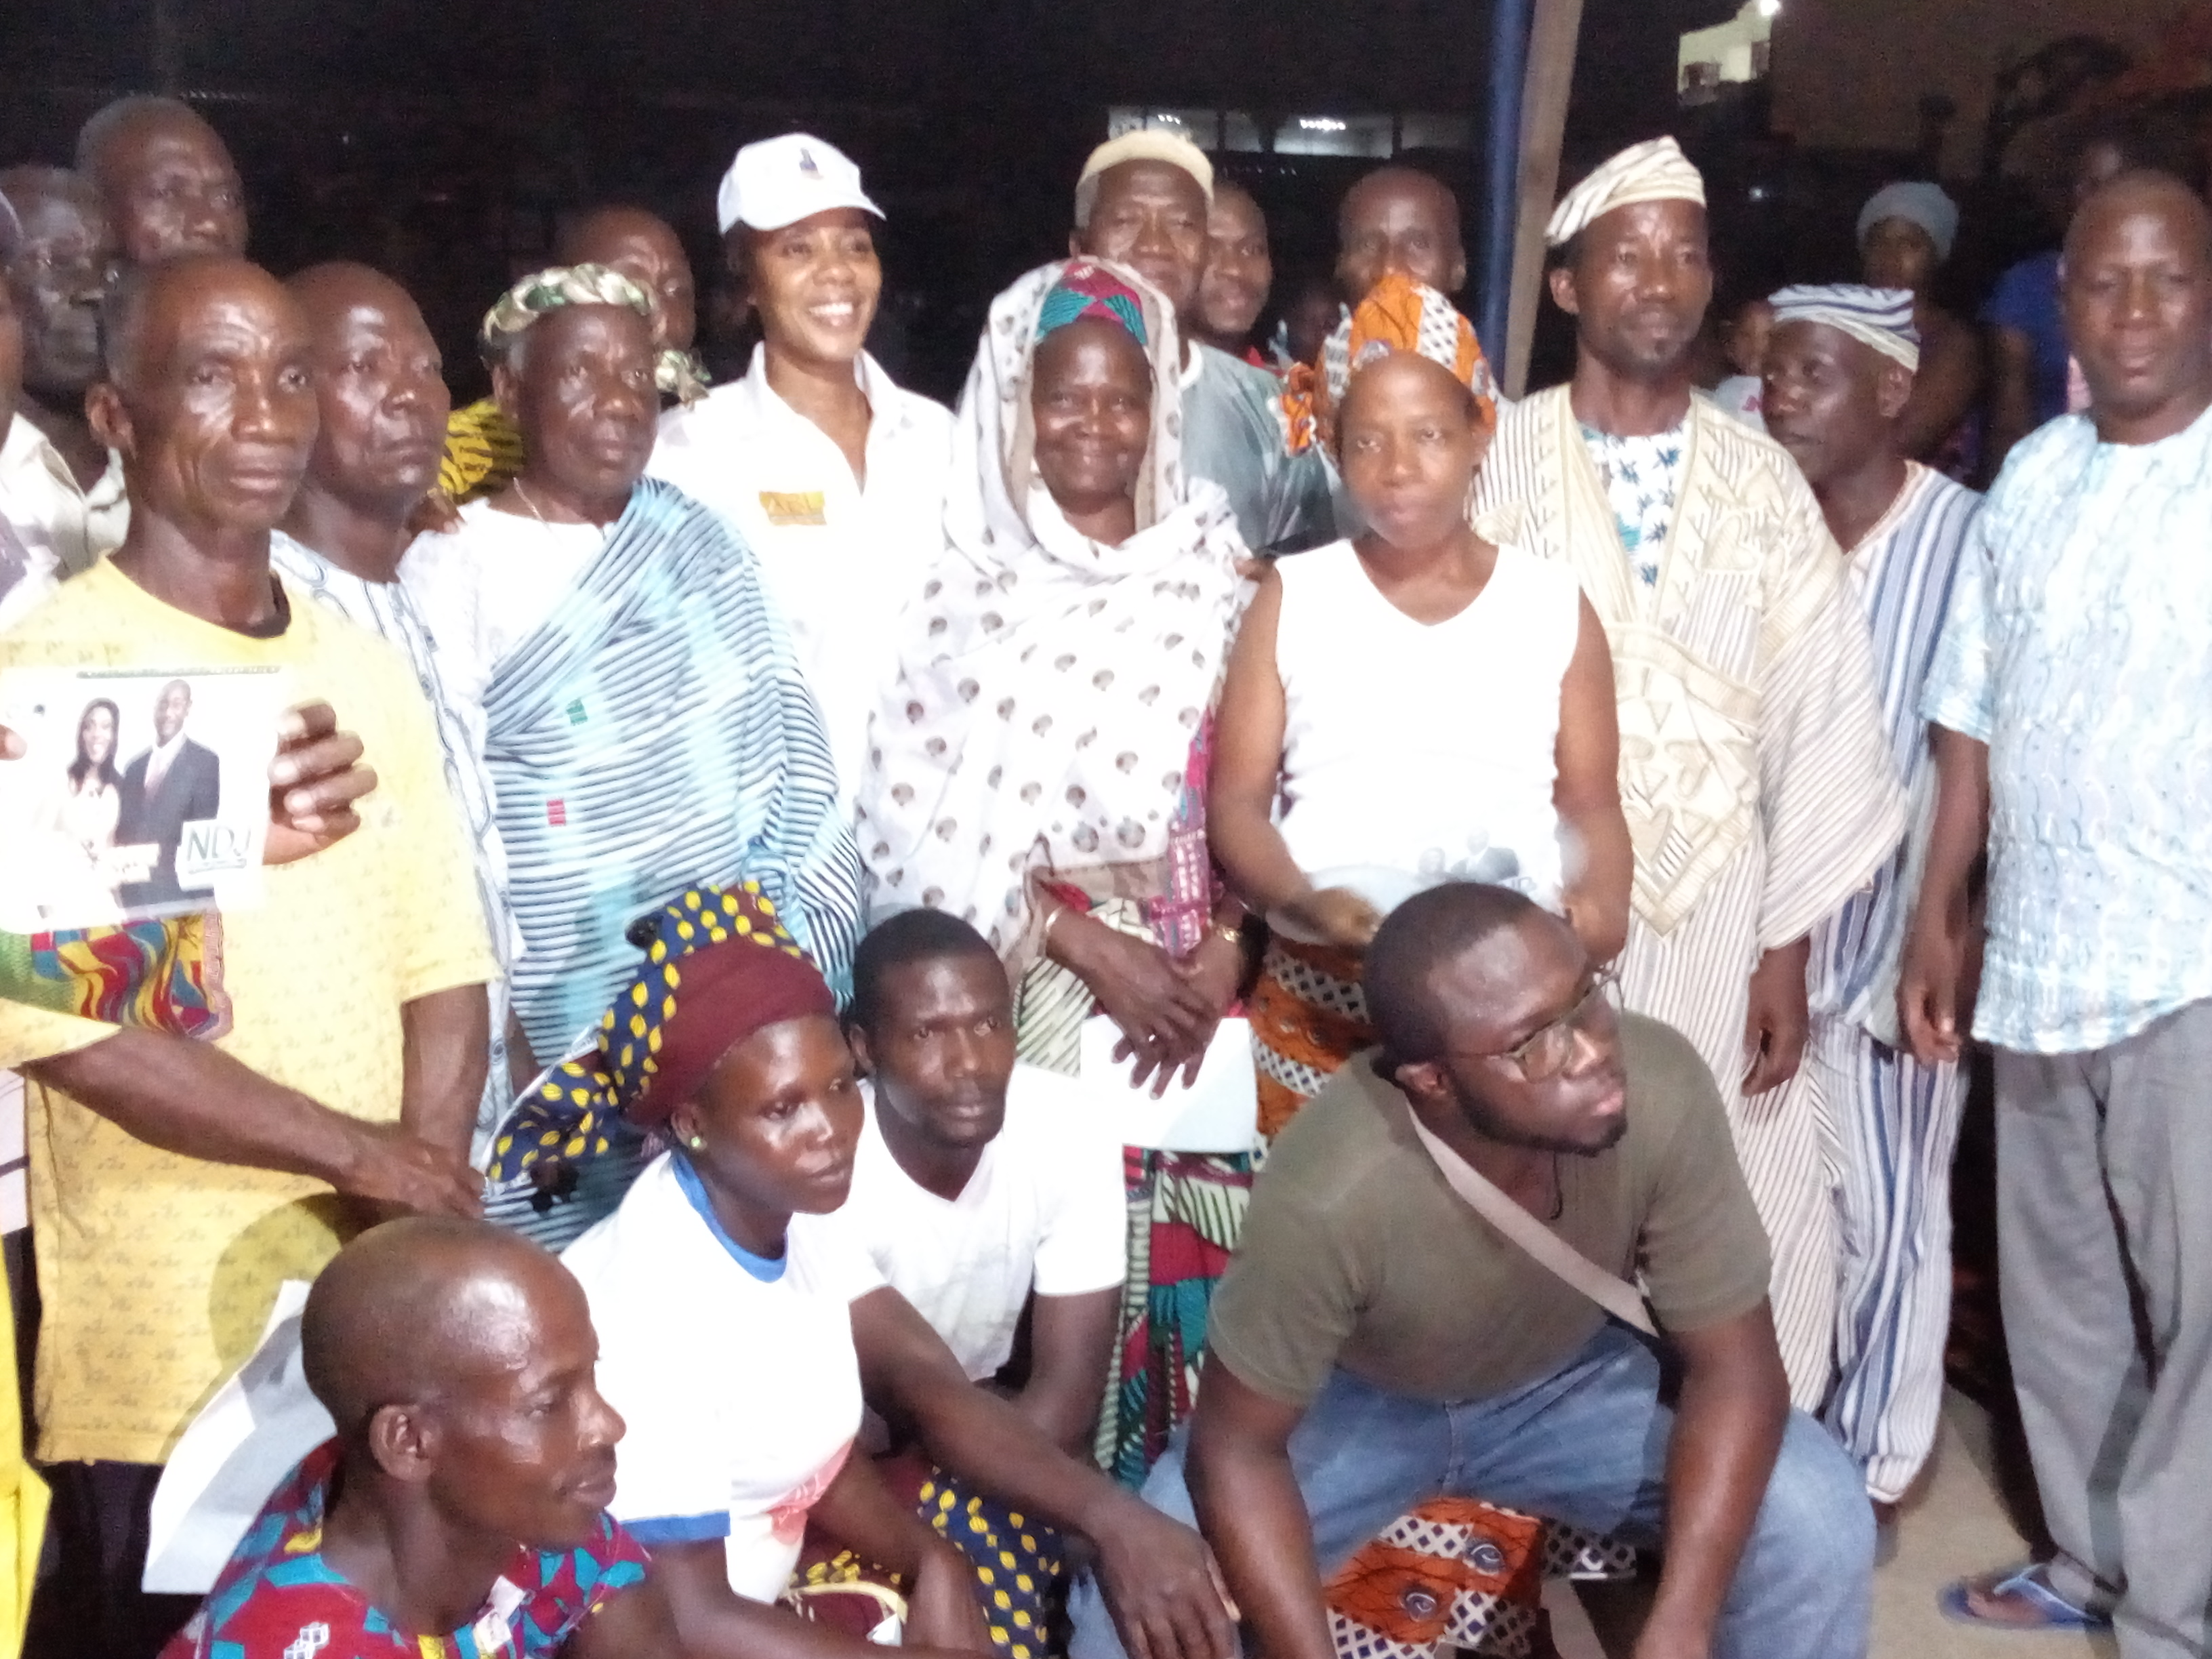 Législatives à Cocody: Affoussiata Bamba Lamine fait l'unanimité des populations